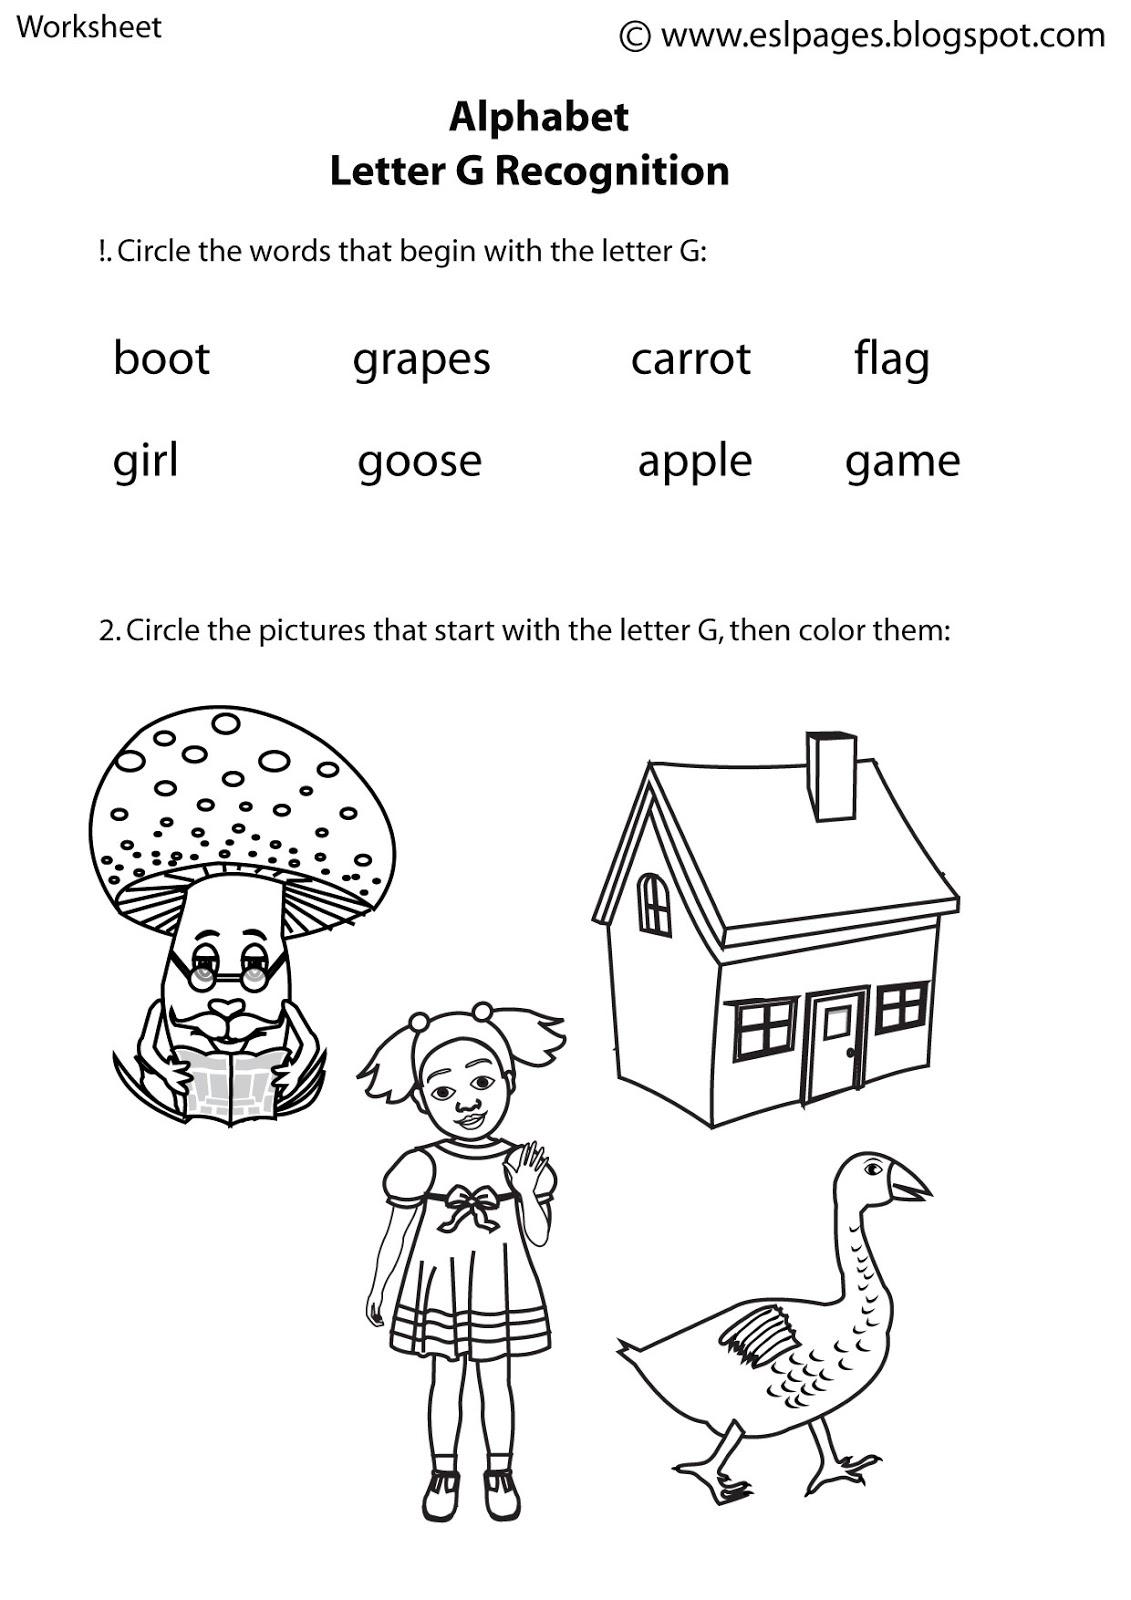 Image Result For Alphabet Worksheets Letter S